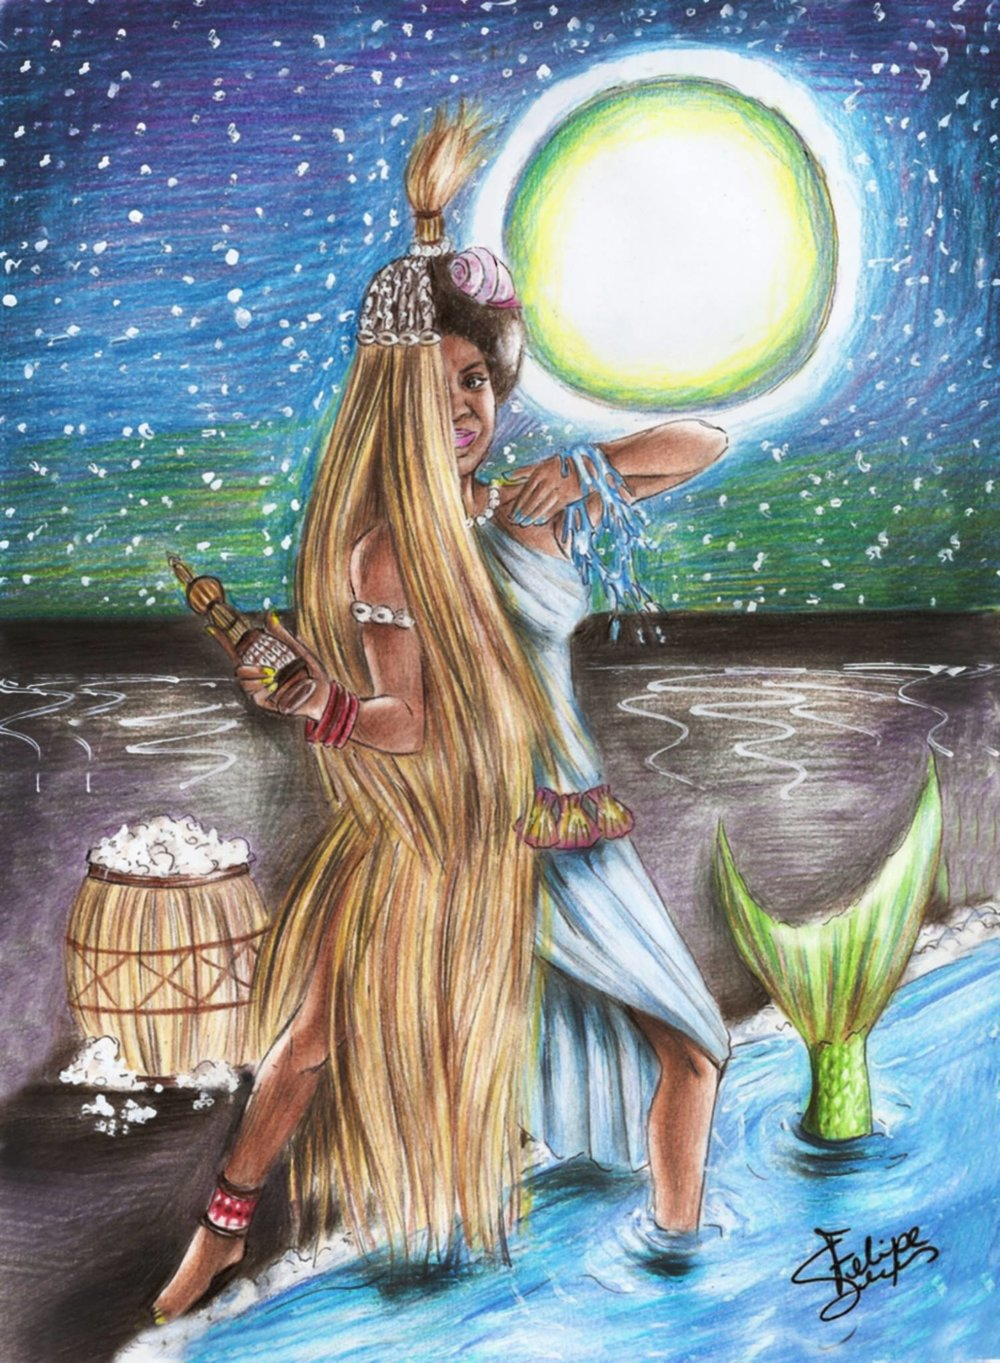 MULHERES   NEGRA  S , desenhos de Felipe Silva Lemes  Mulheres, personagens ou ideias, todas em comum: fontes de inspiração